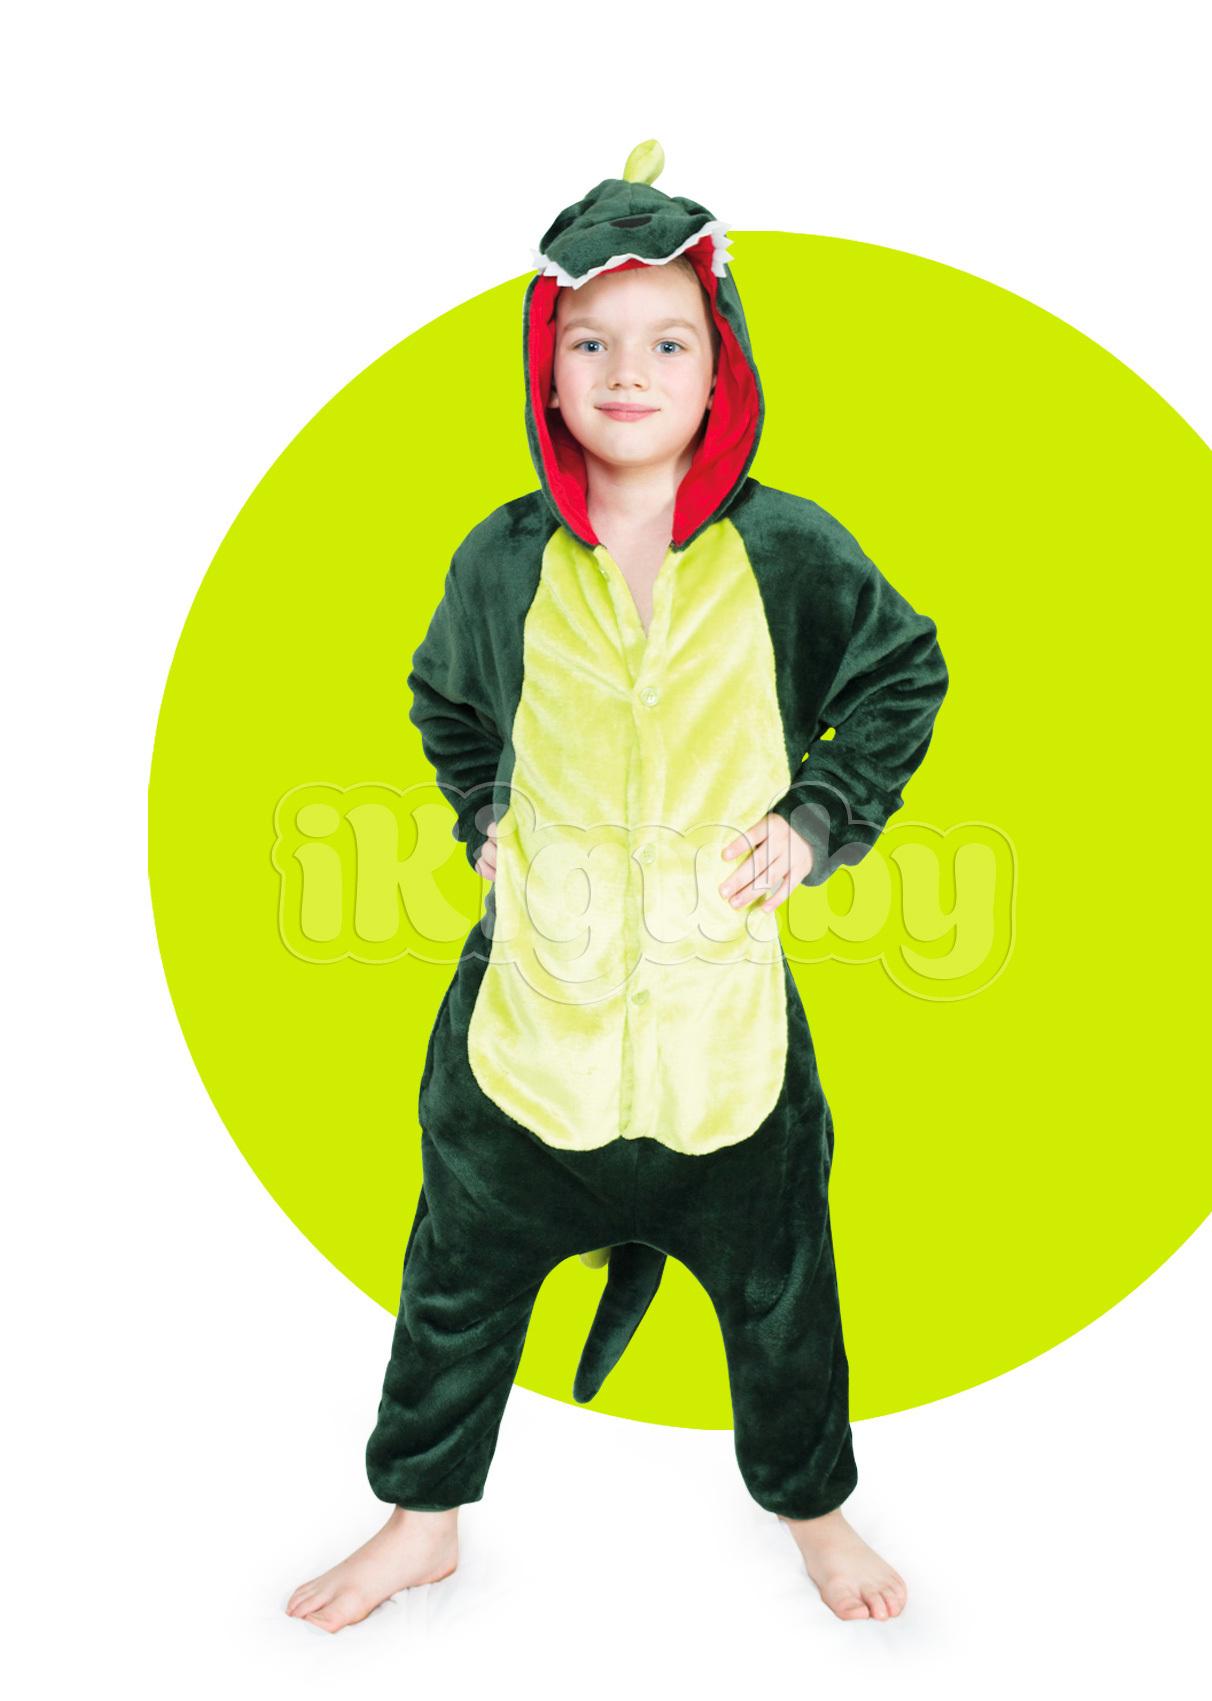 """Детские пижамы кигуруми """"Динозавр Зеленый"""" детки_динозавр1_IGP826420190130-27451-1tbq1lk.jpg"""